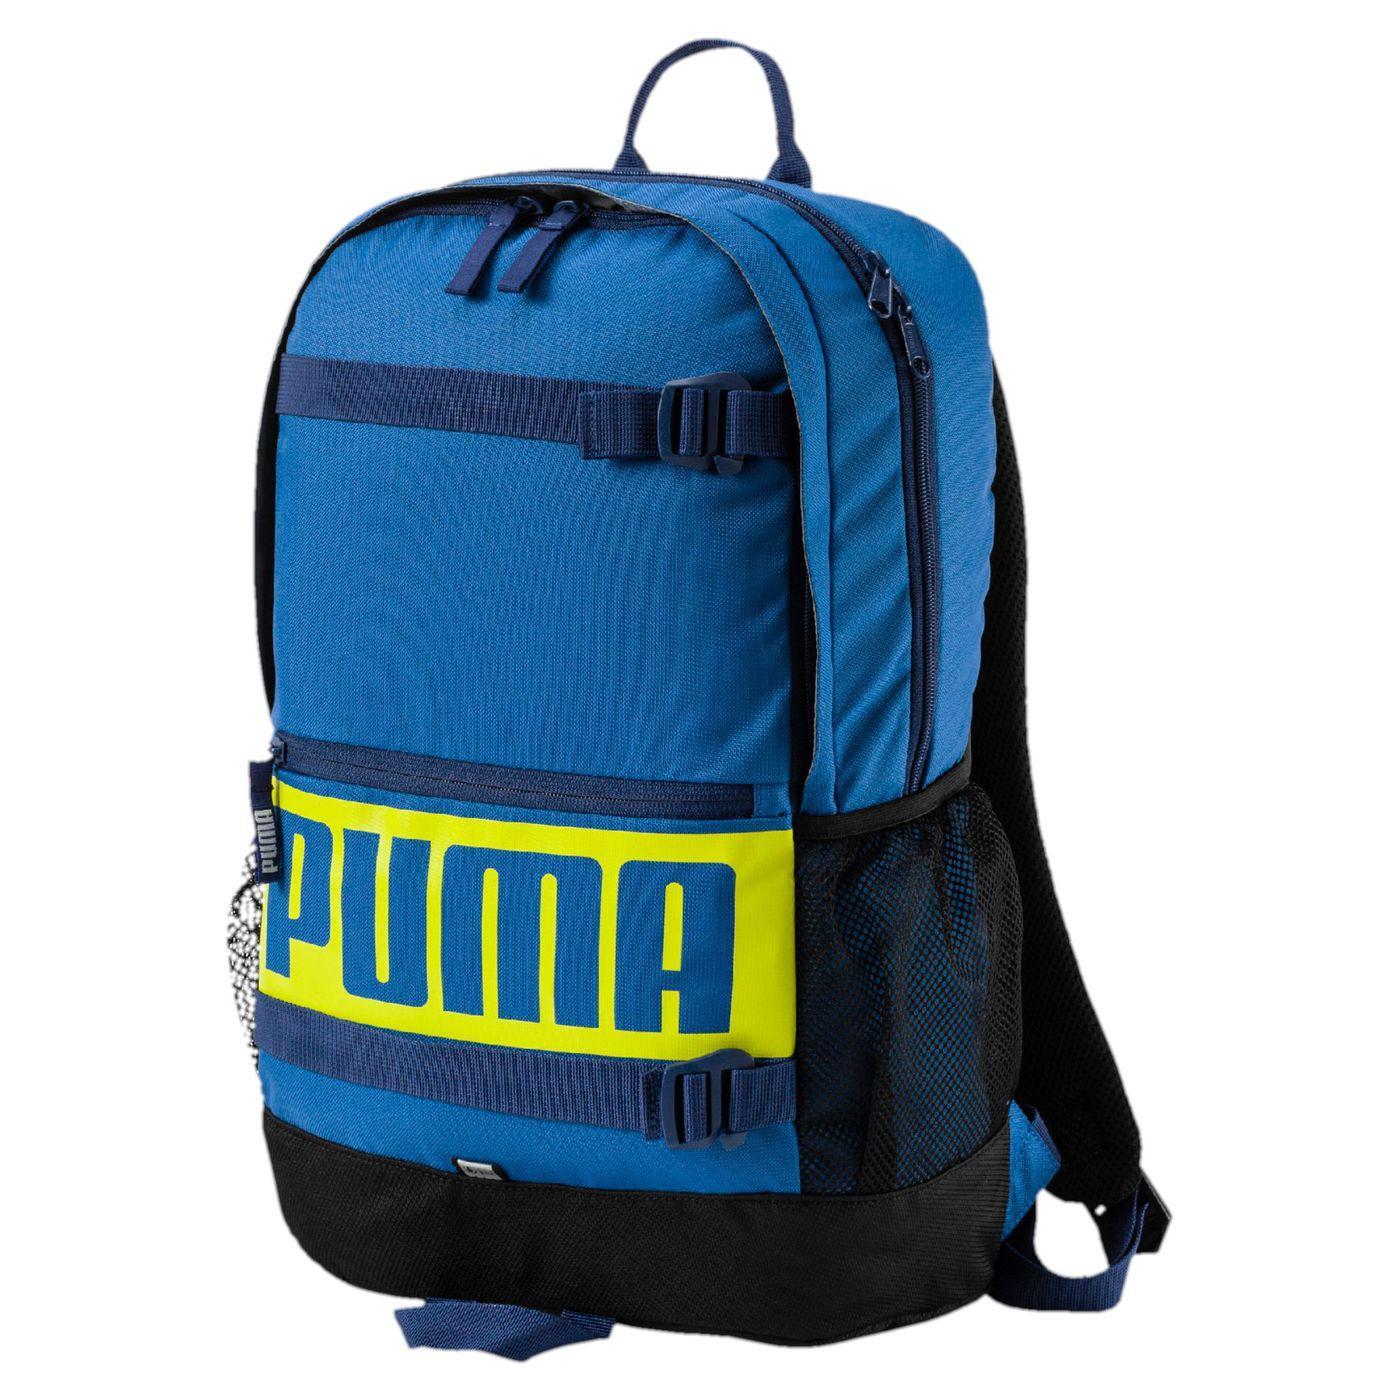 Sports Backpacks for Men for sale - Mens Sports Backpacks online ... 5b14dbc84e